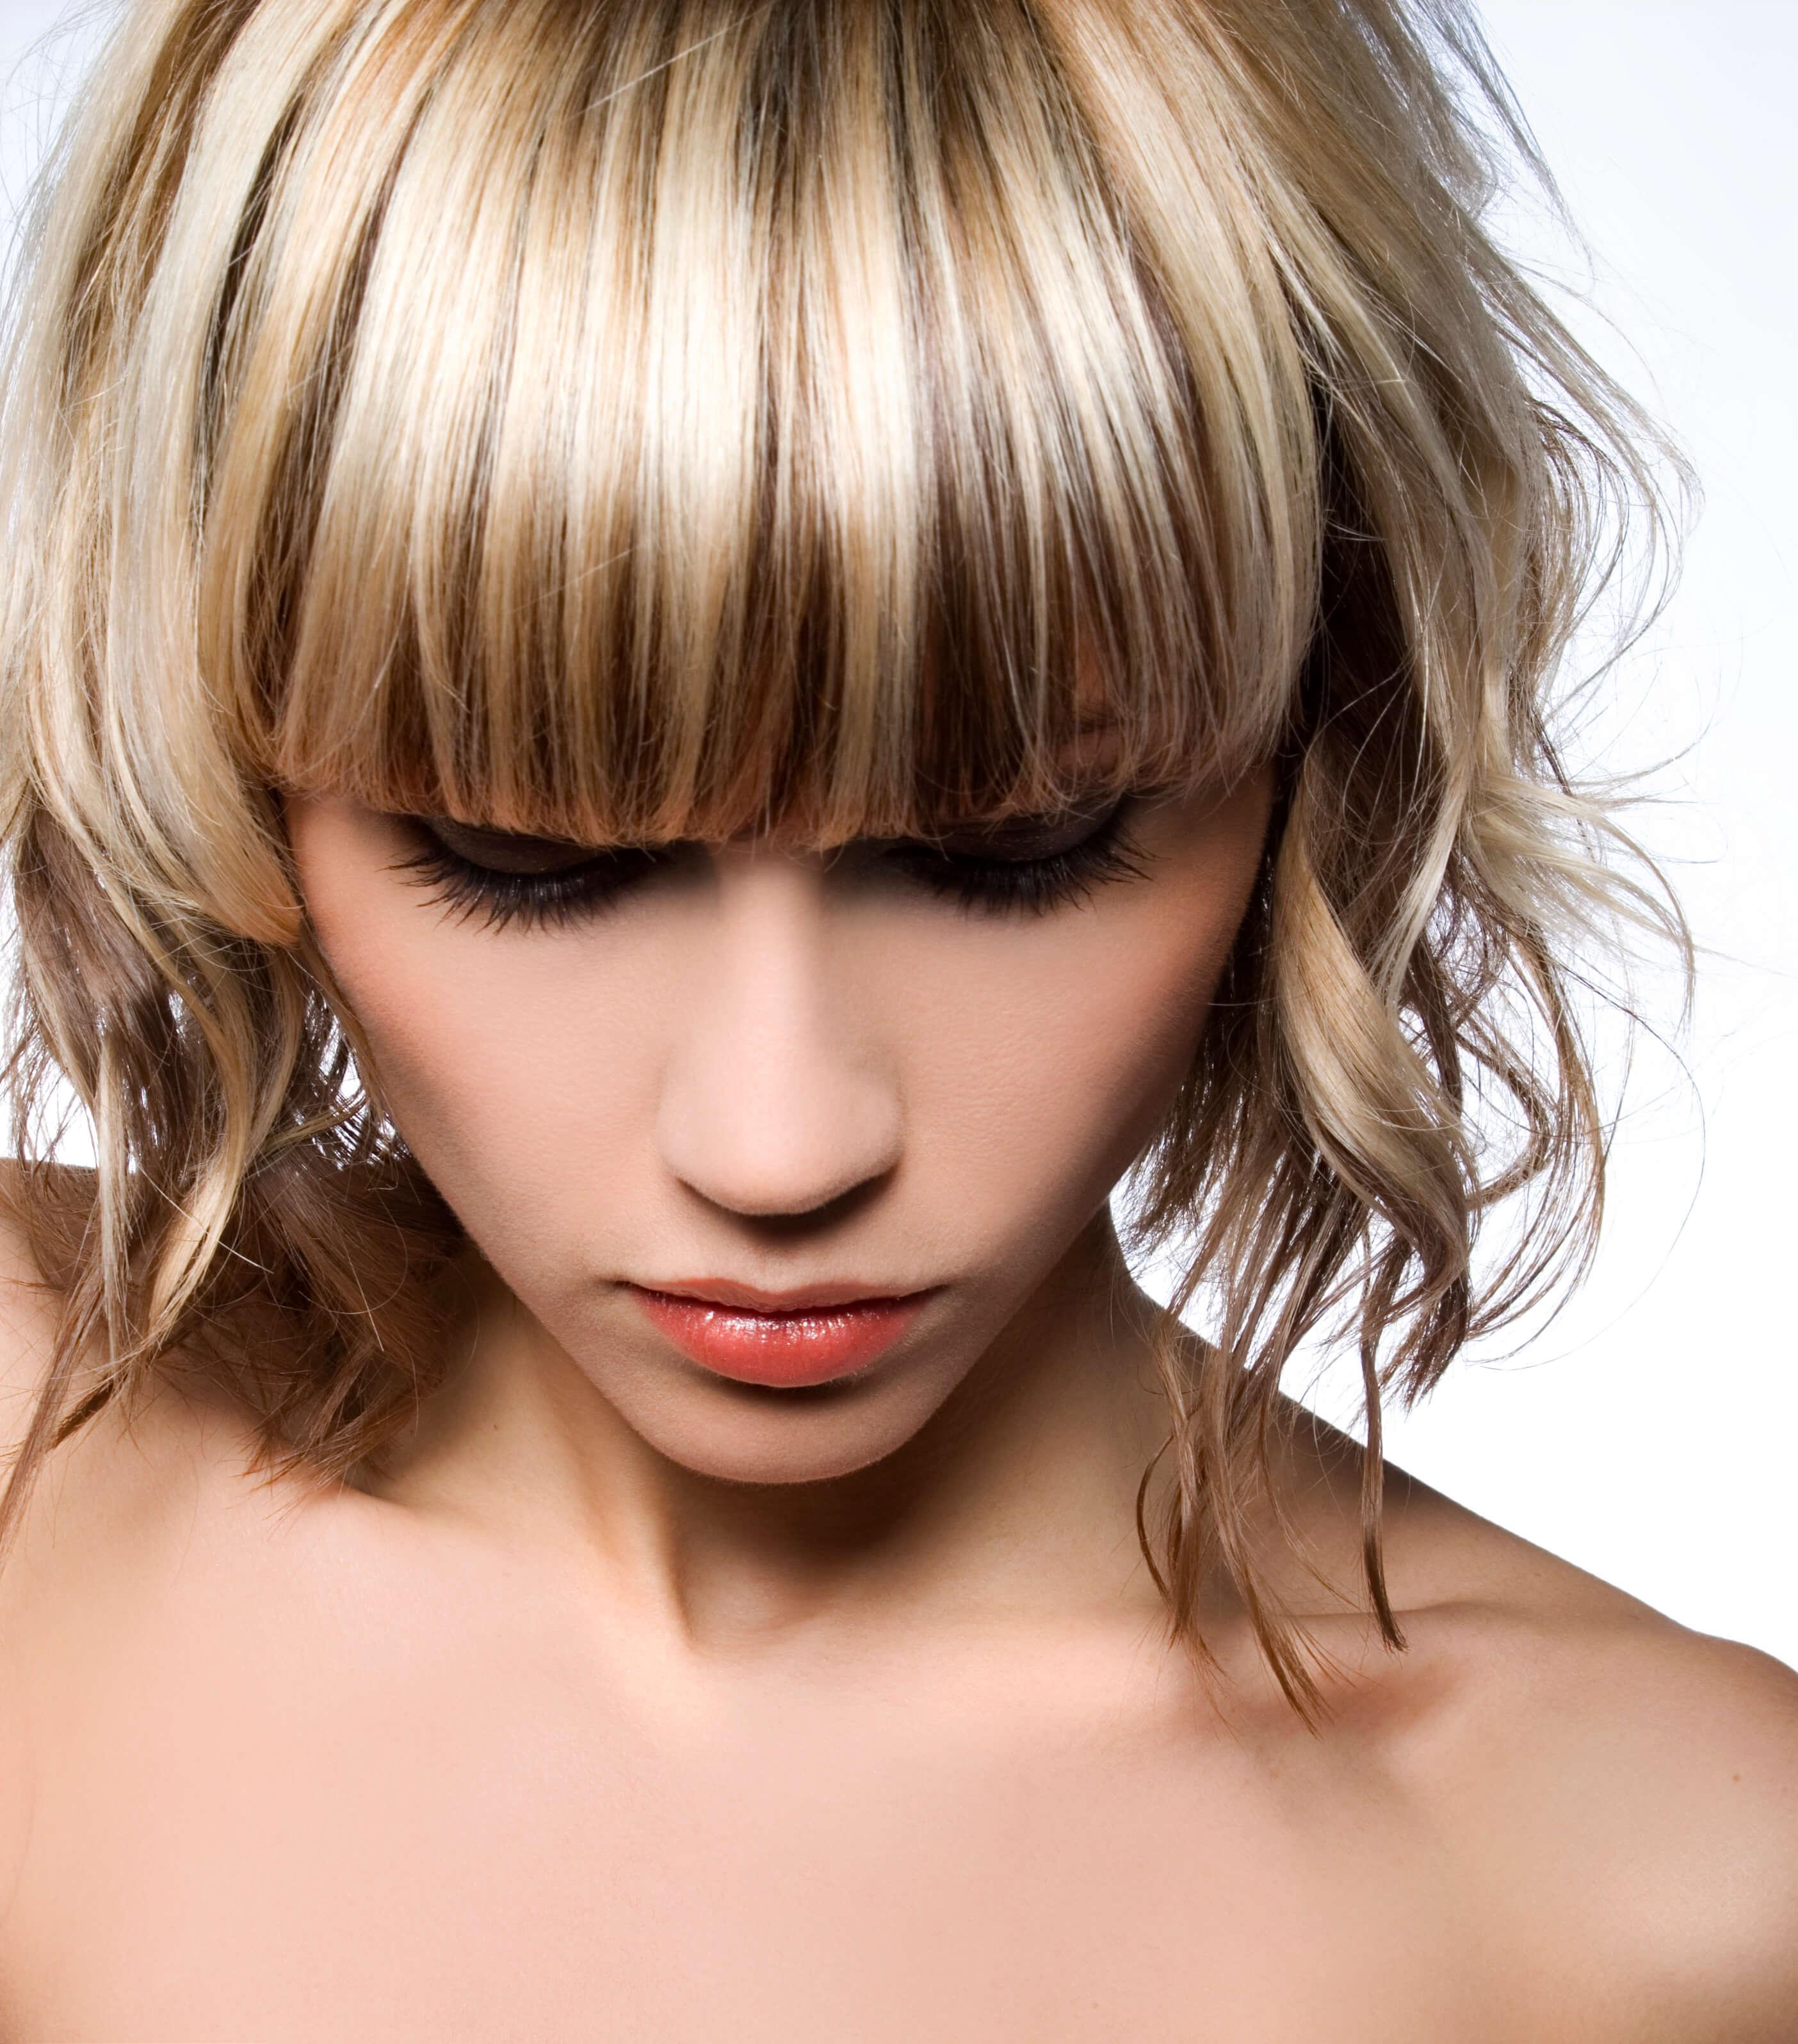 шинода фото с покраской волос в два цвета этой статьи узнаете